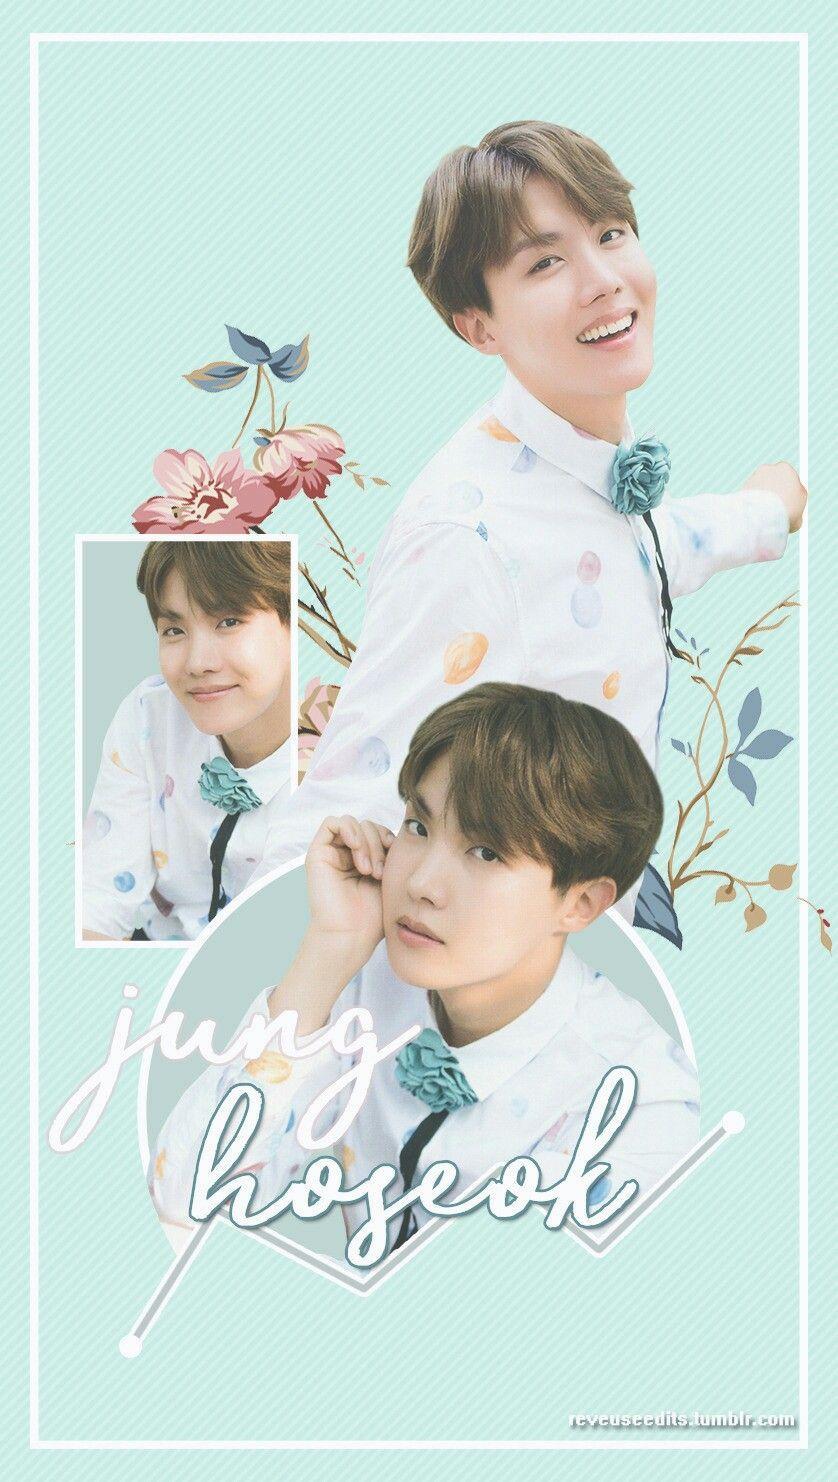 Bts Jhope Wallpaper Cute | Brengsek Wall